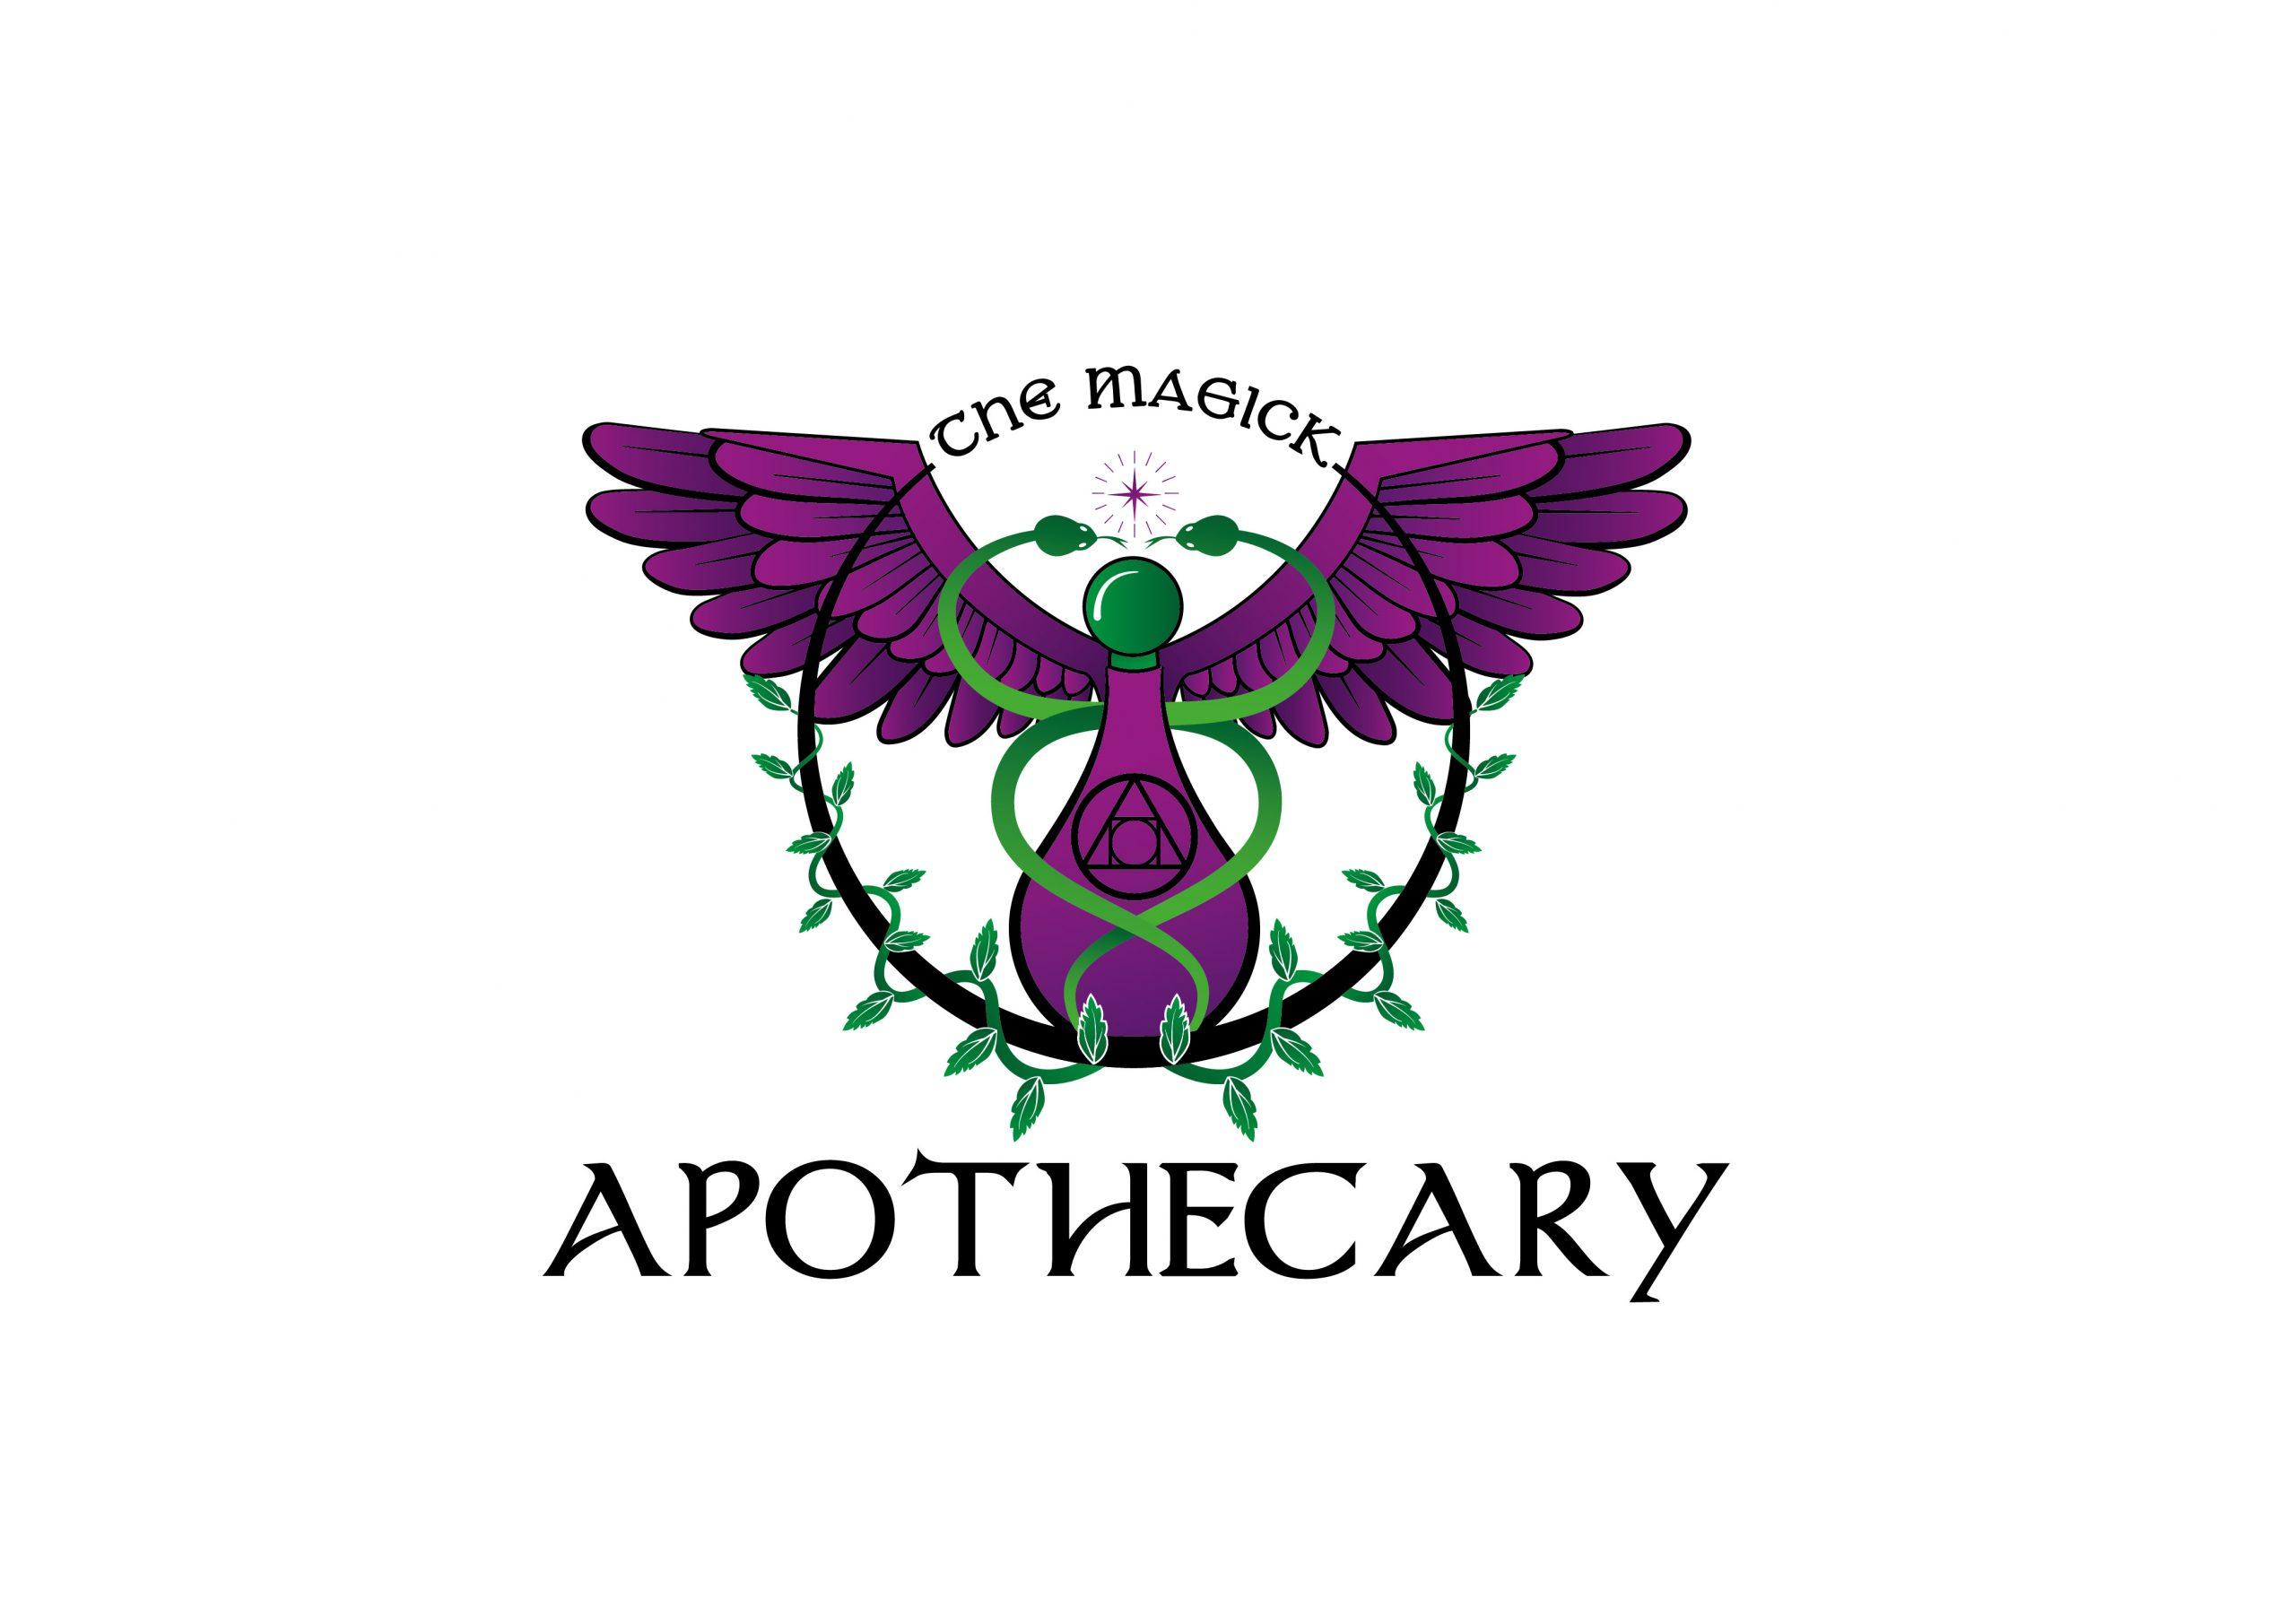 The Magick Apothecary